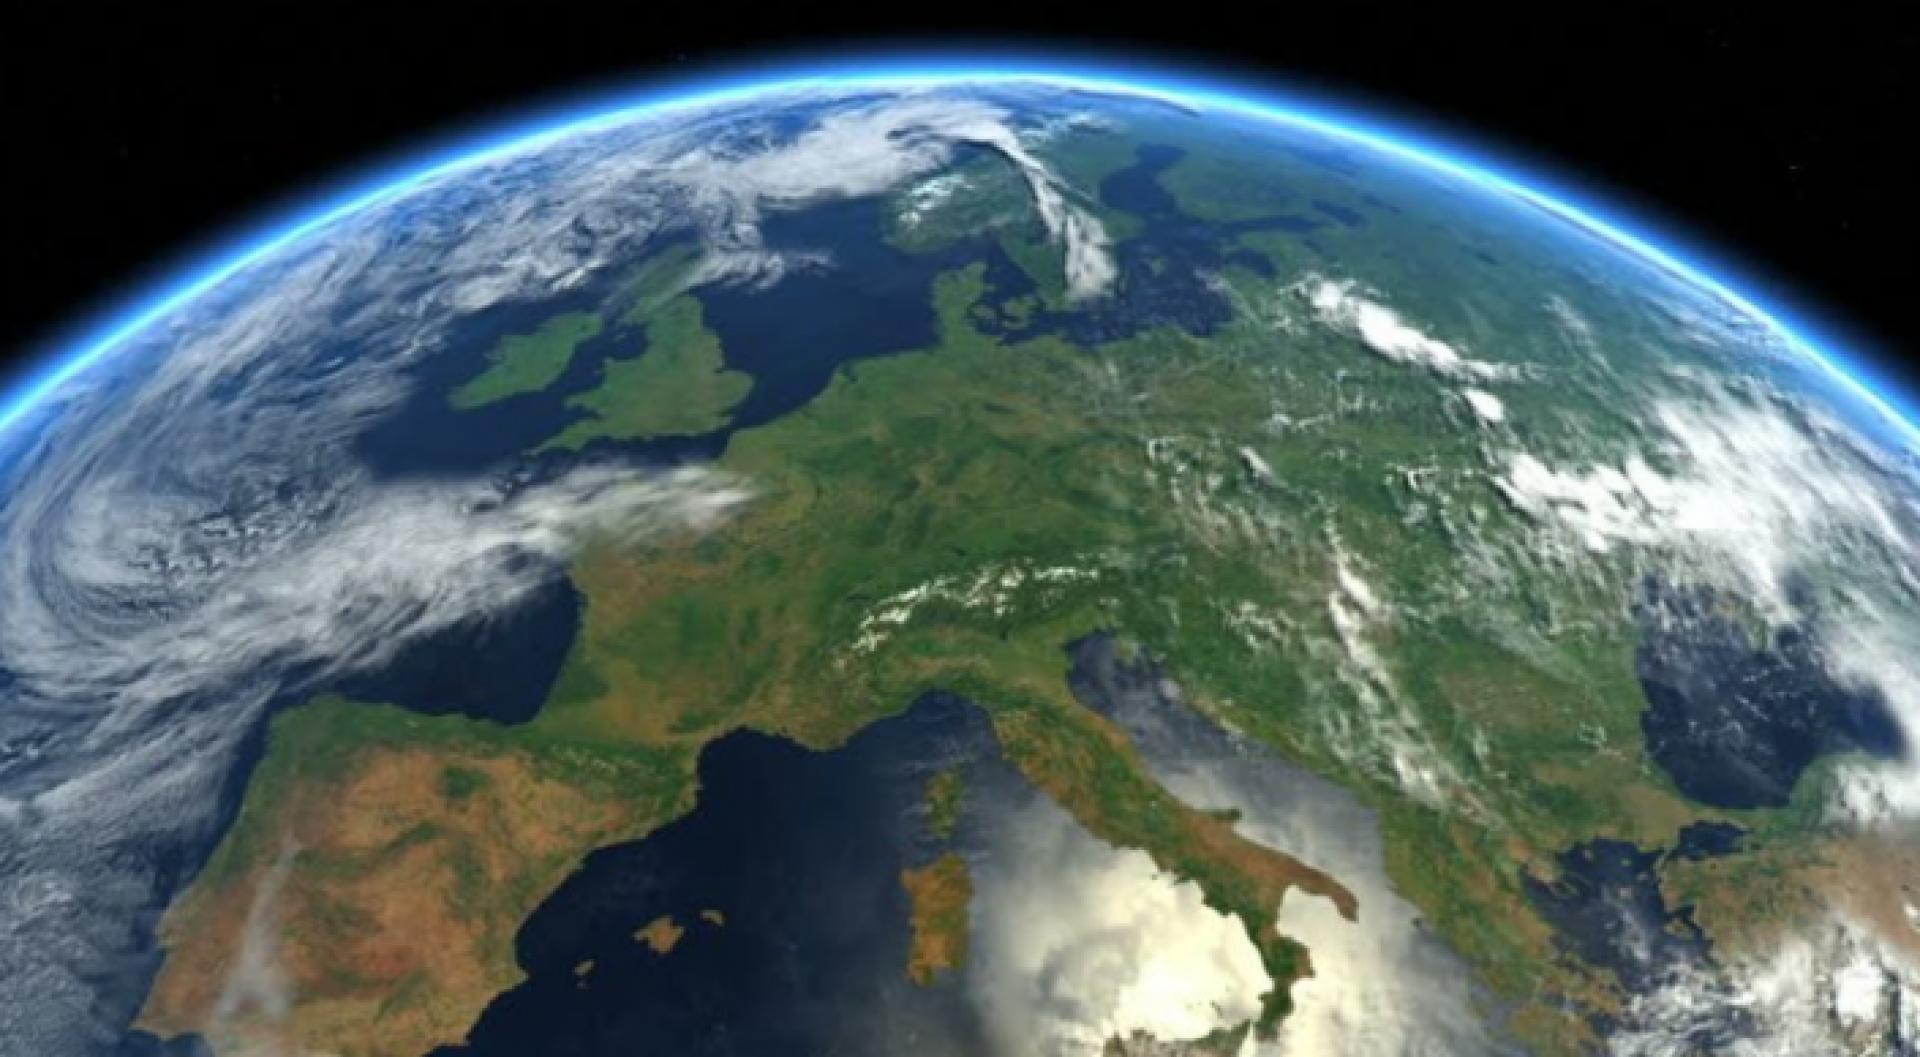 россия из космоса фото высокого разрешения хорошо справляется